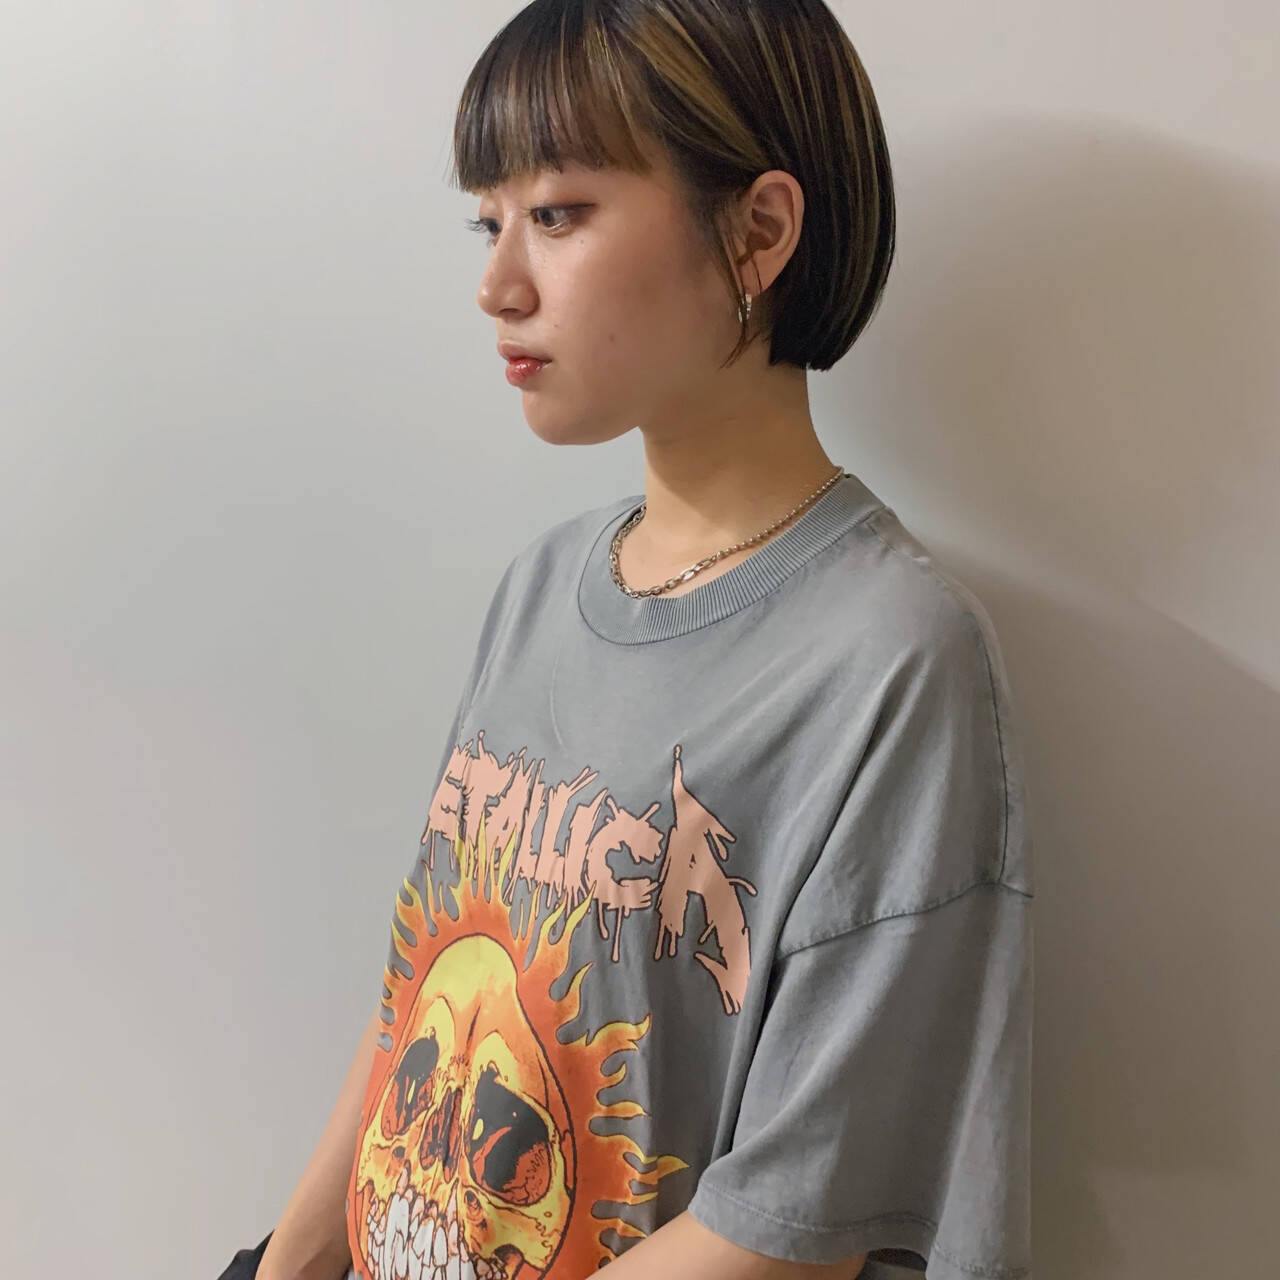 インナーカラー ショートボブ フェス ブリーチカラーヘアスタイルや髪型の写真・画像